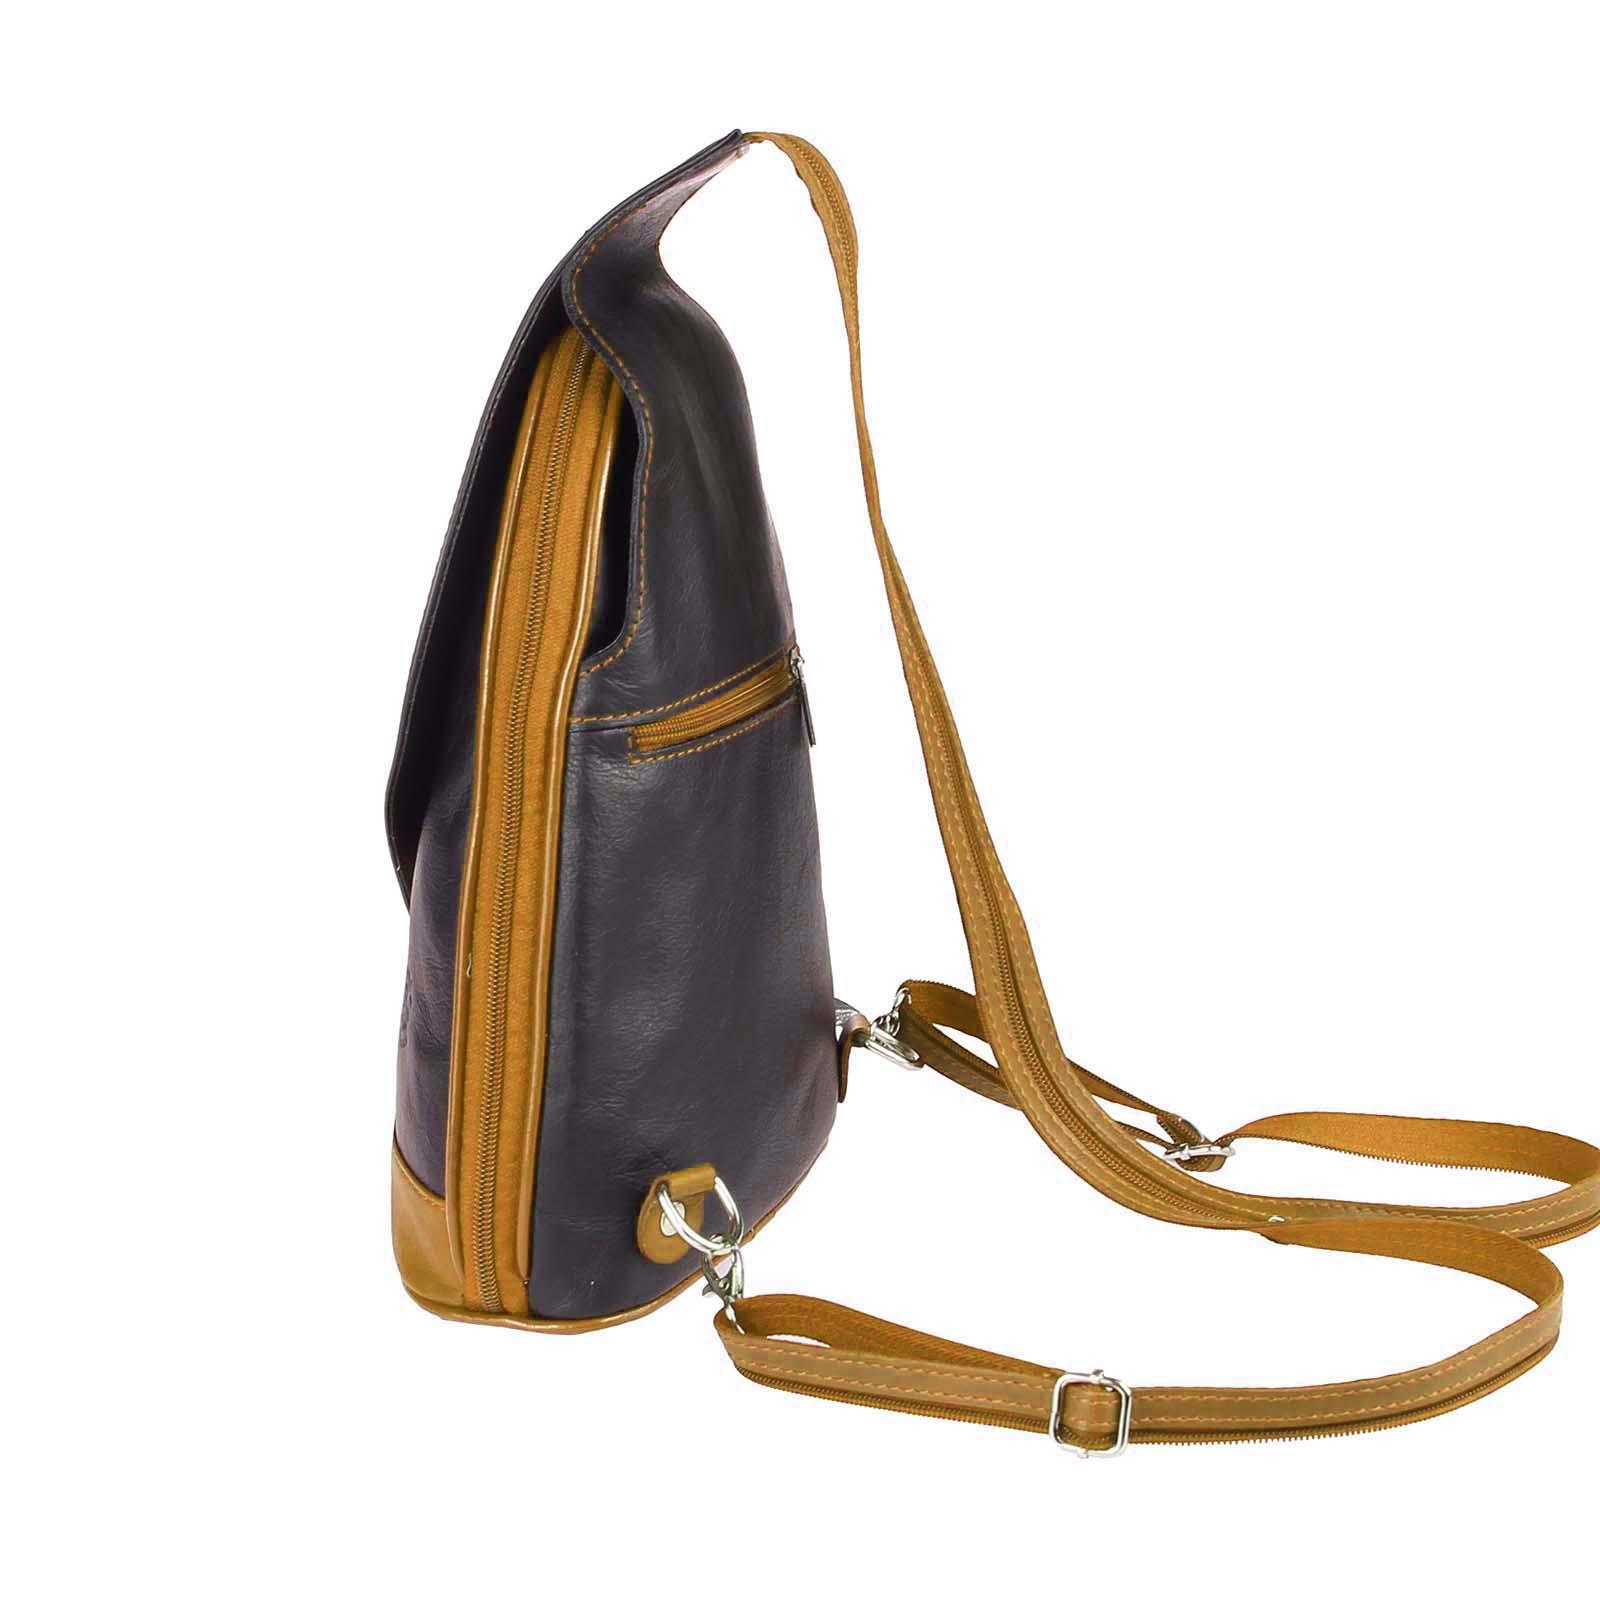 ITALY-DAMEN-LEDER-RUCKSACK-Schulter-Tasche-Reise-BACKPACK-Lederrucksack-it-BAG Indexbild 76